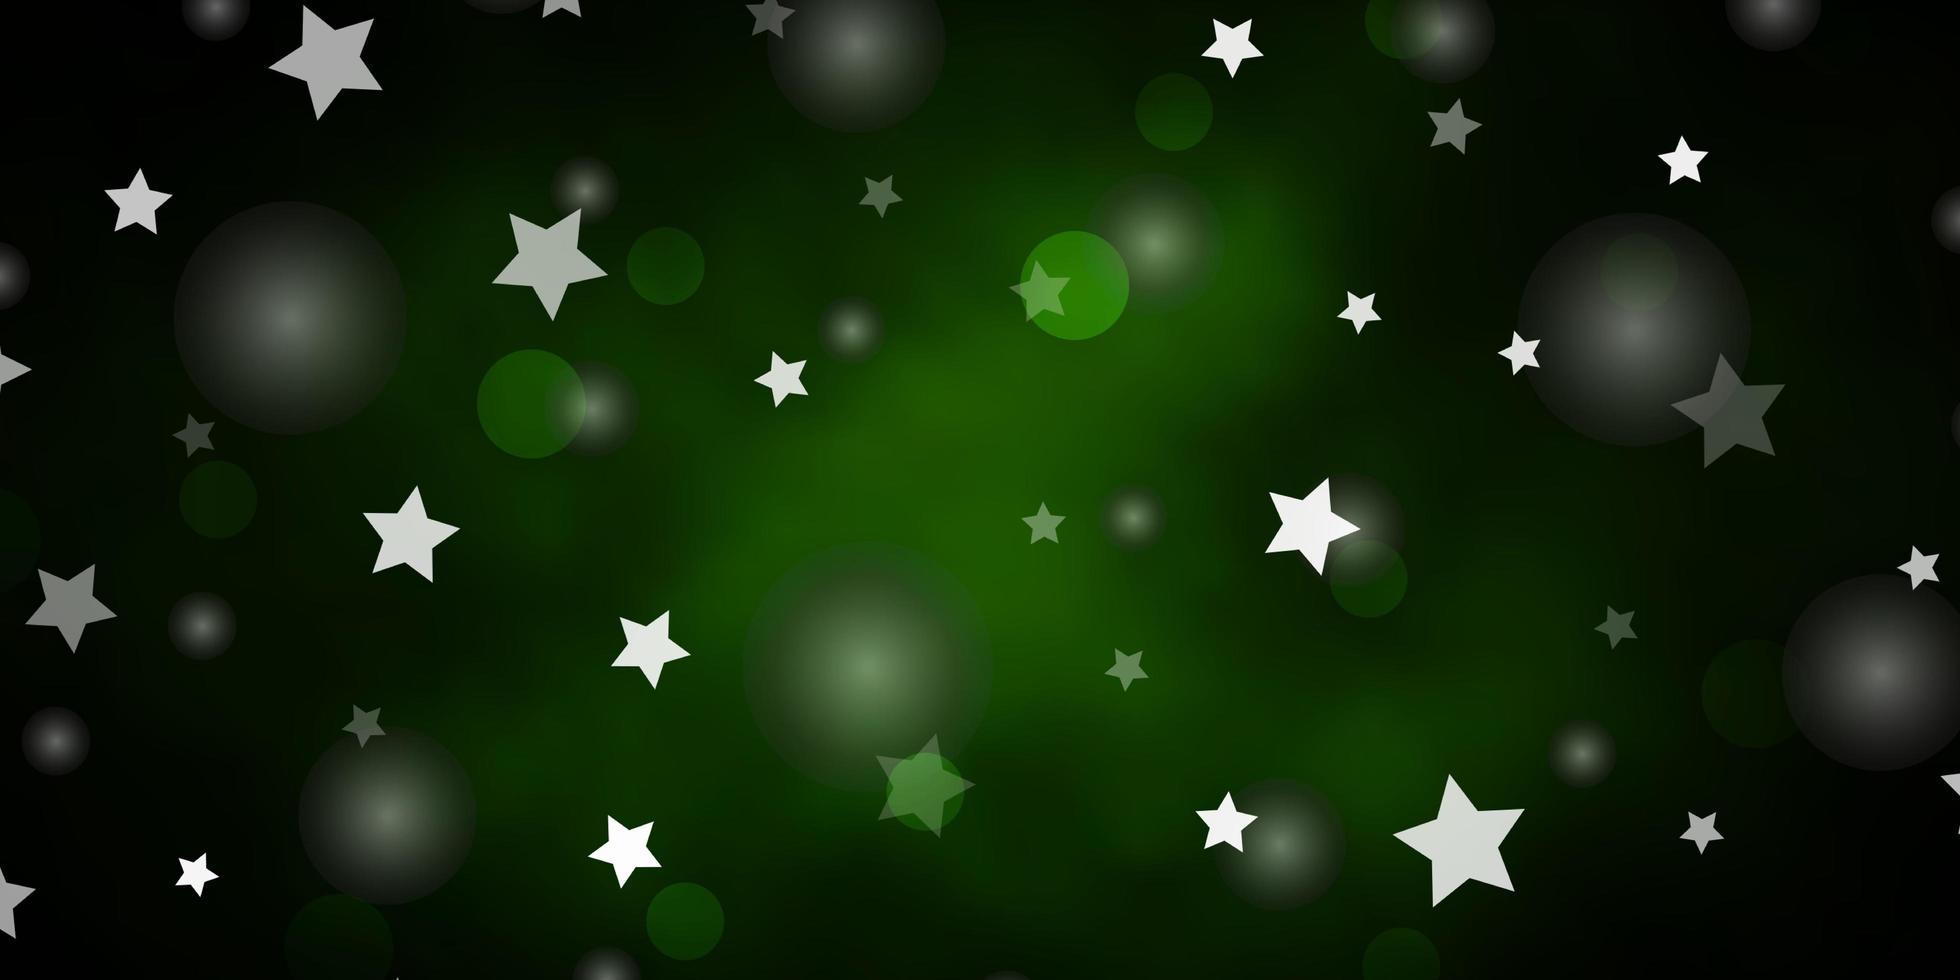 sfondo verde scuro con cerchi, stelle. vettore